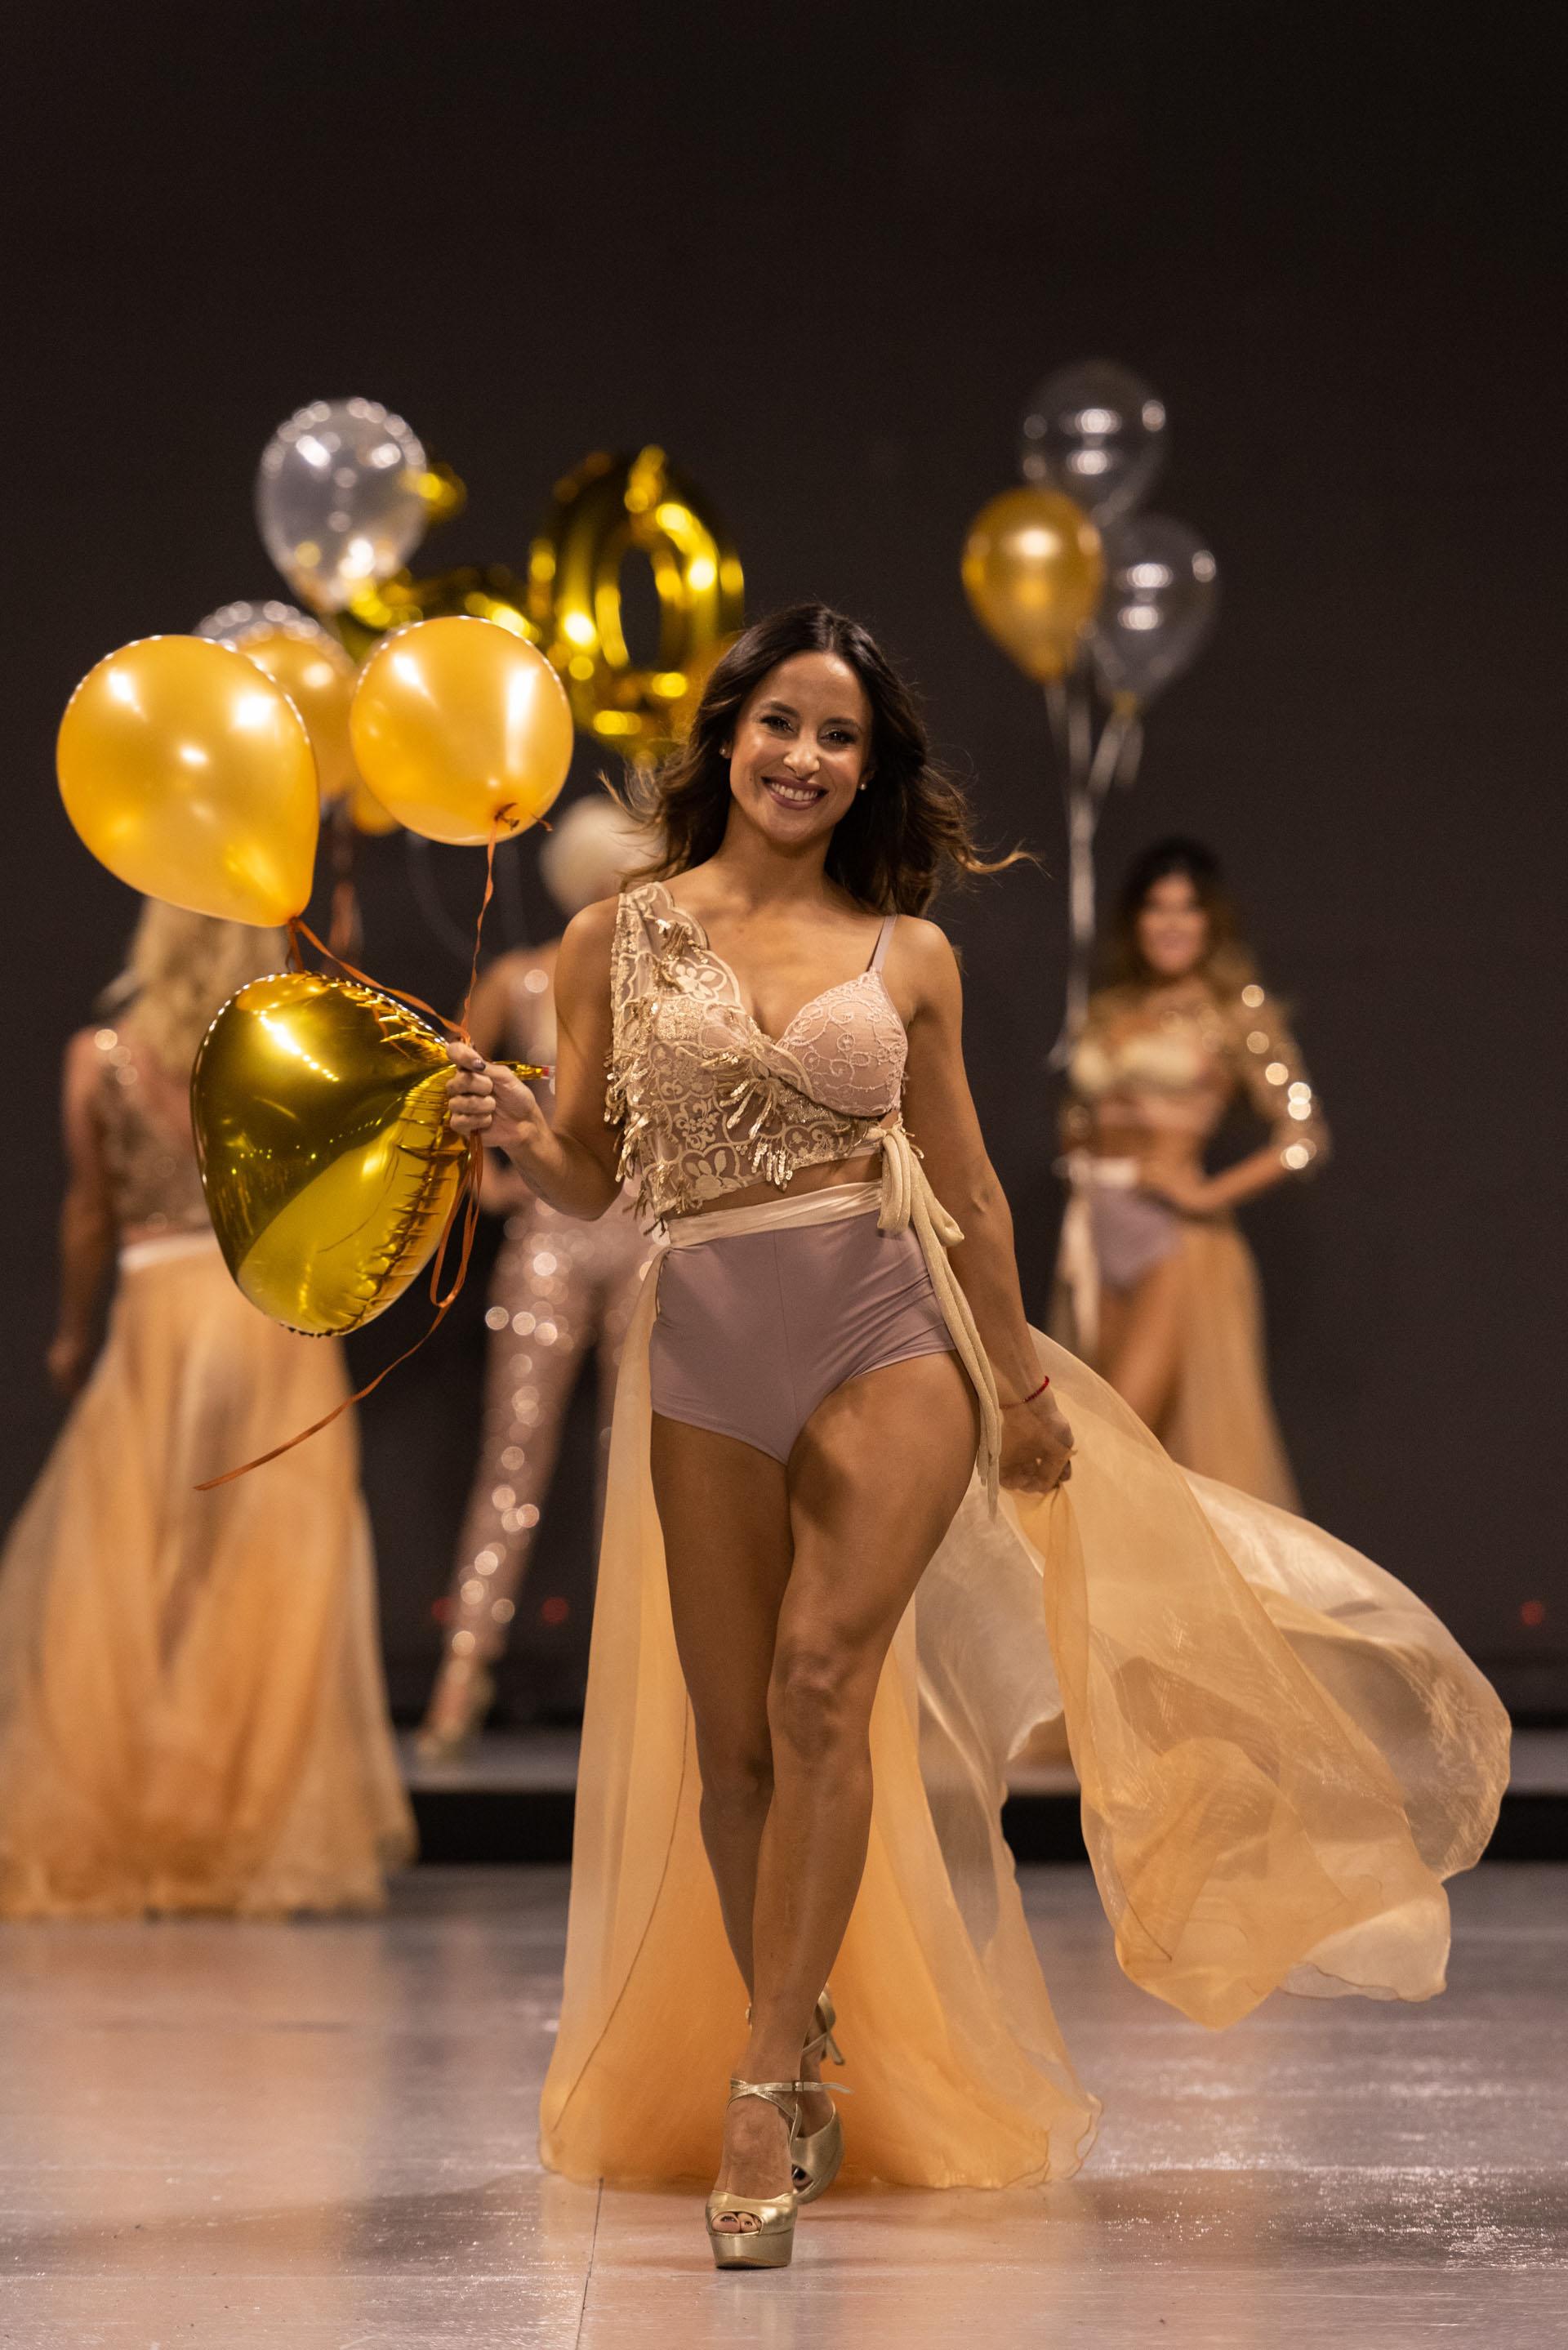 Lourdes Sánchez, modelo, bailarina y conductora estuvo presente en la primera pasada de Silkey 50 años que conmemoraba la trayectoria de la marca de vanguardia en cosmética y belleza